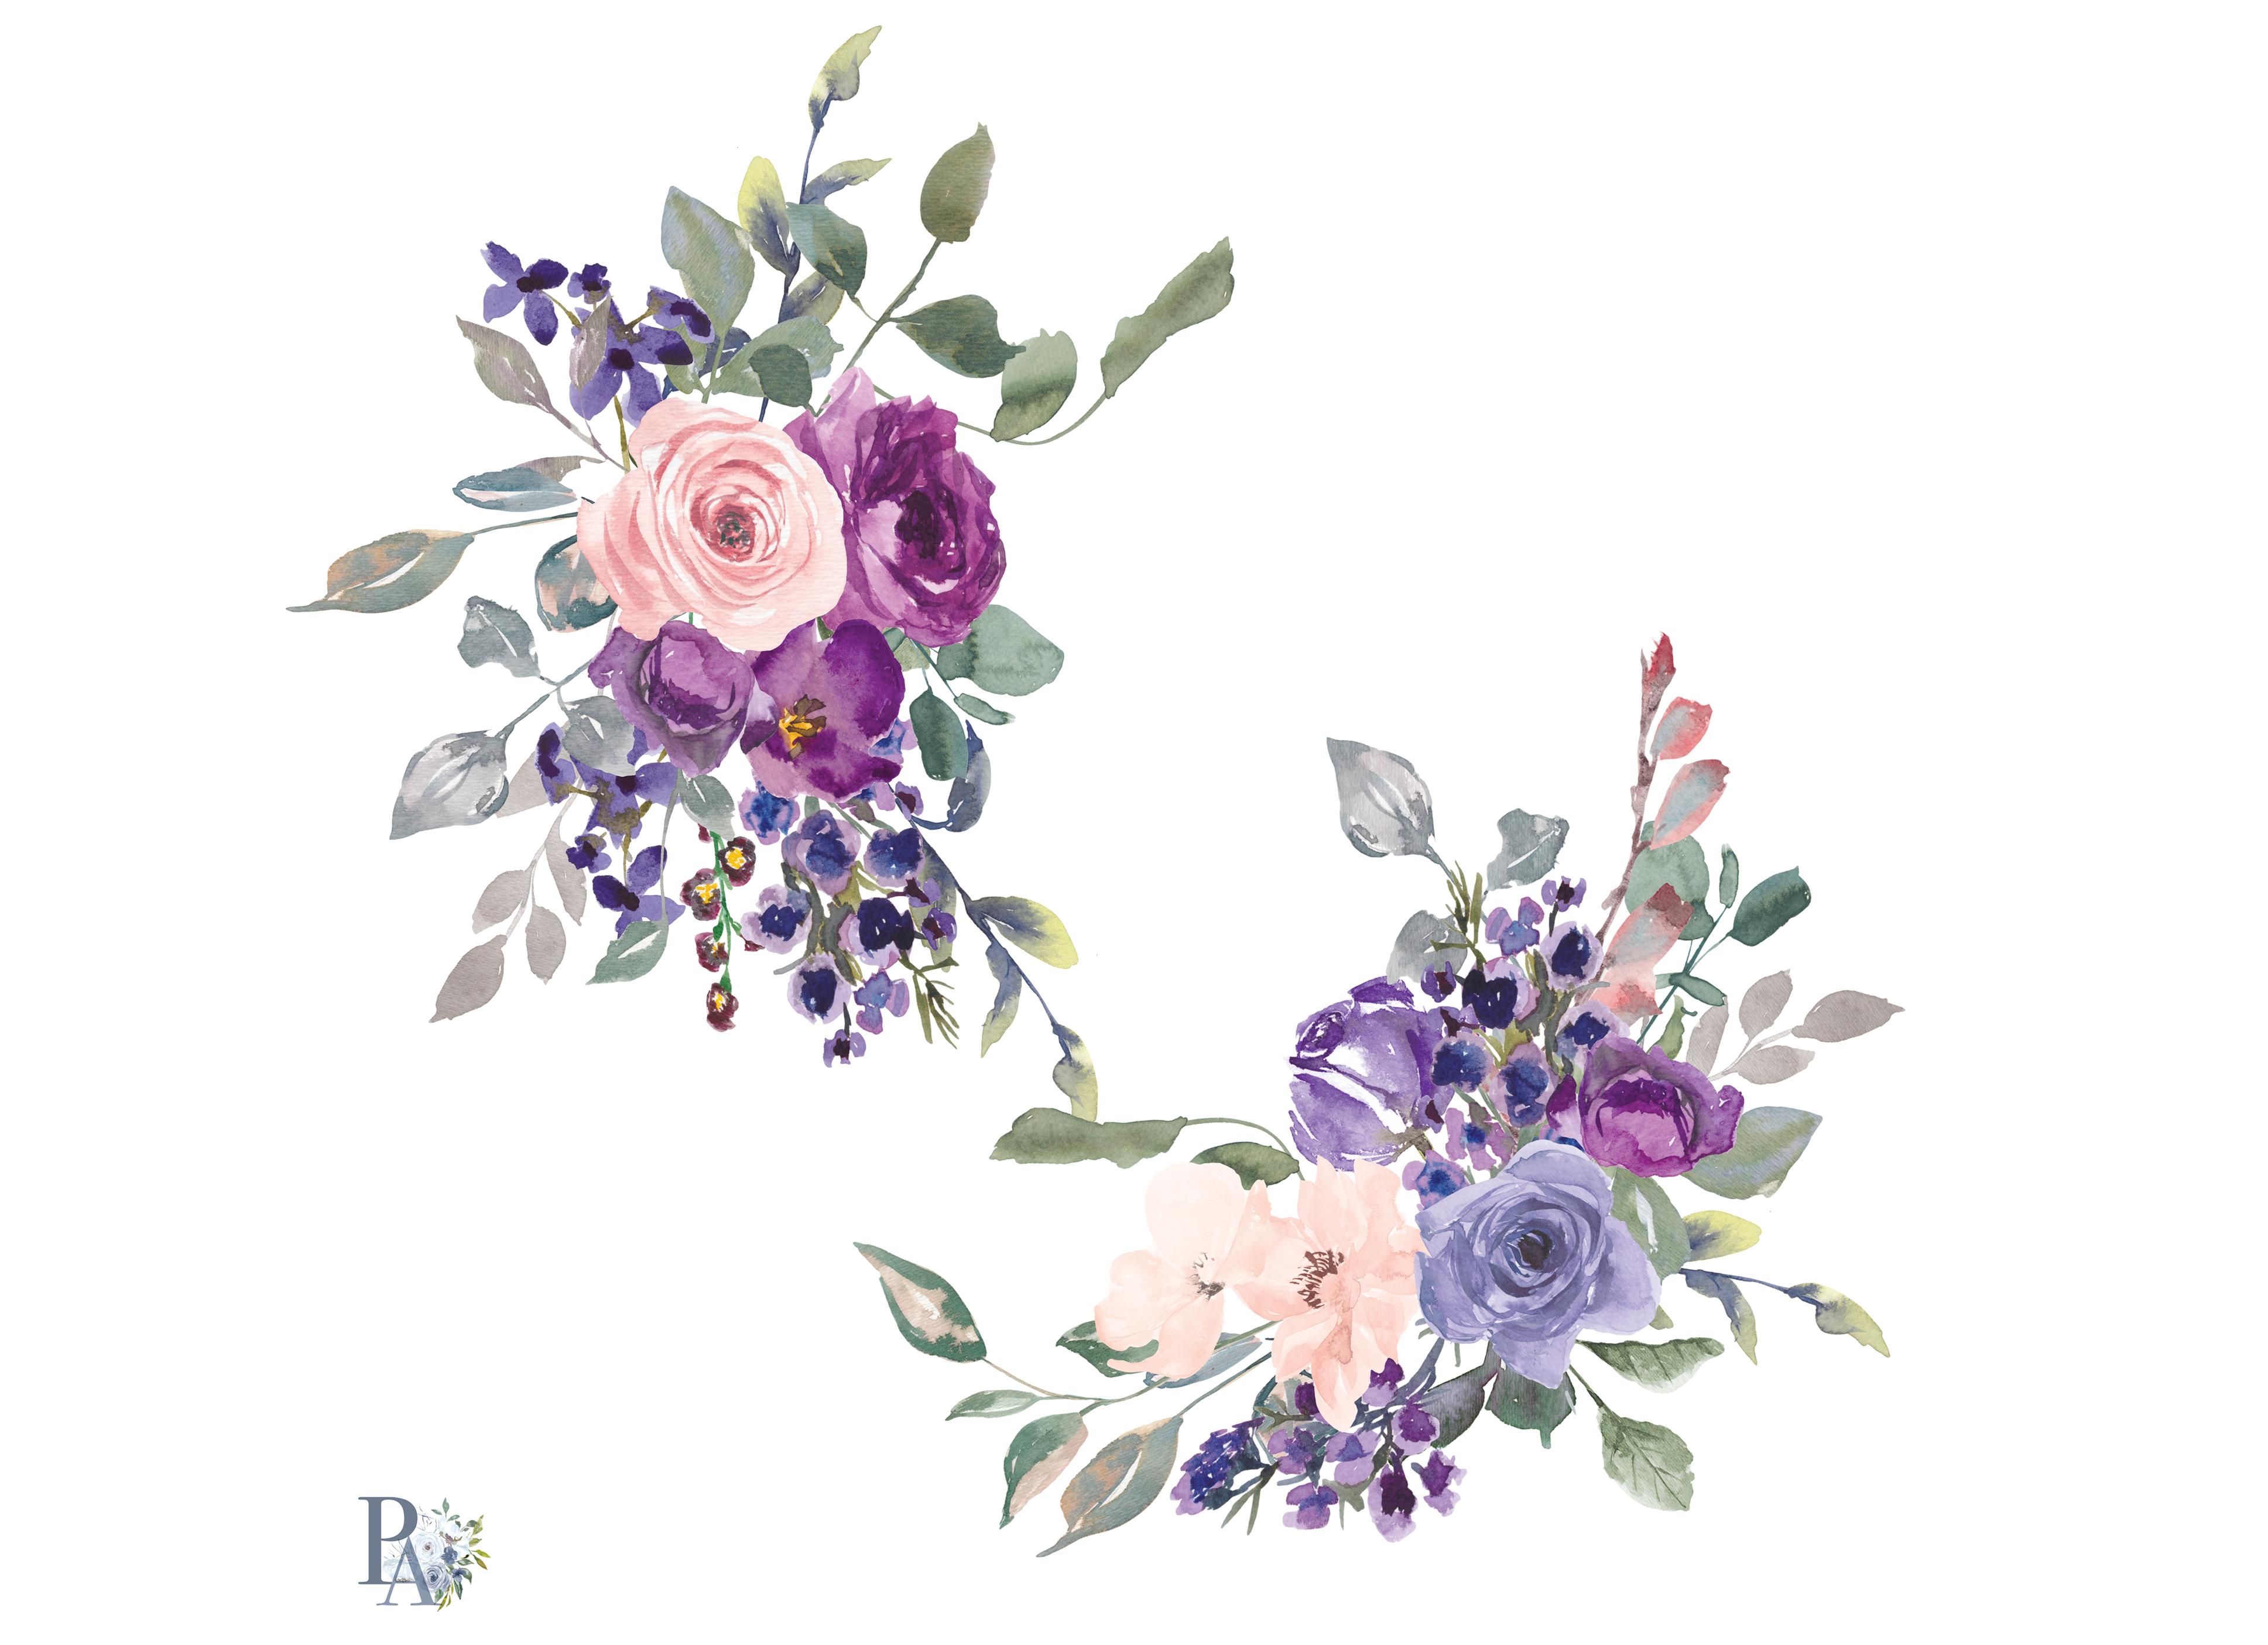 Стихами марта, акварельные картинки цветов для приглашений